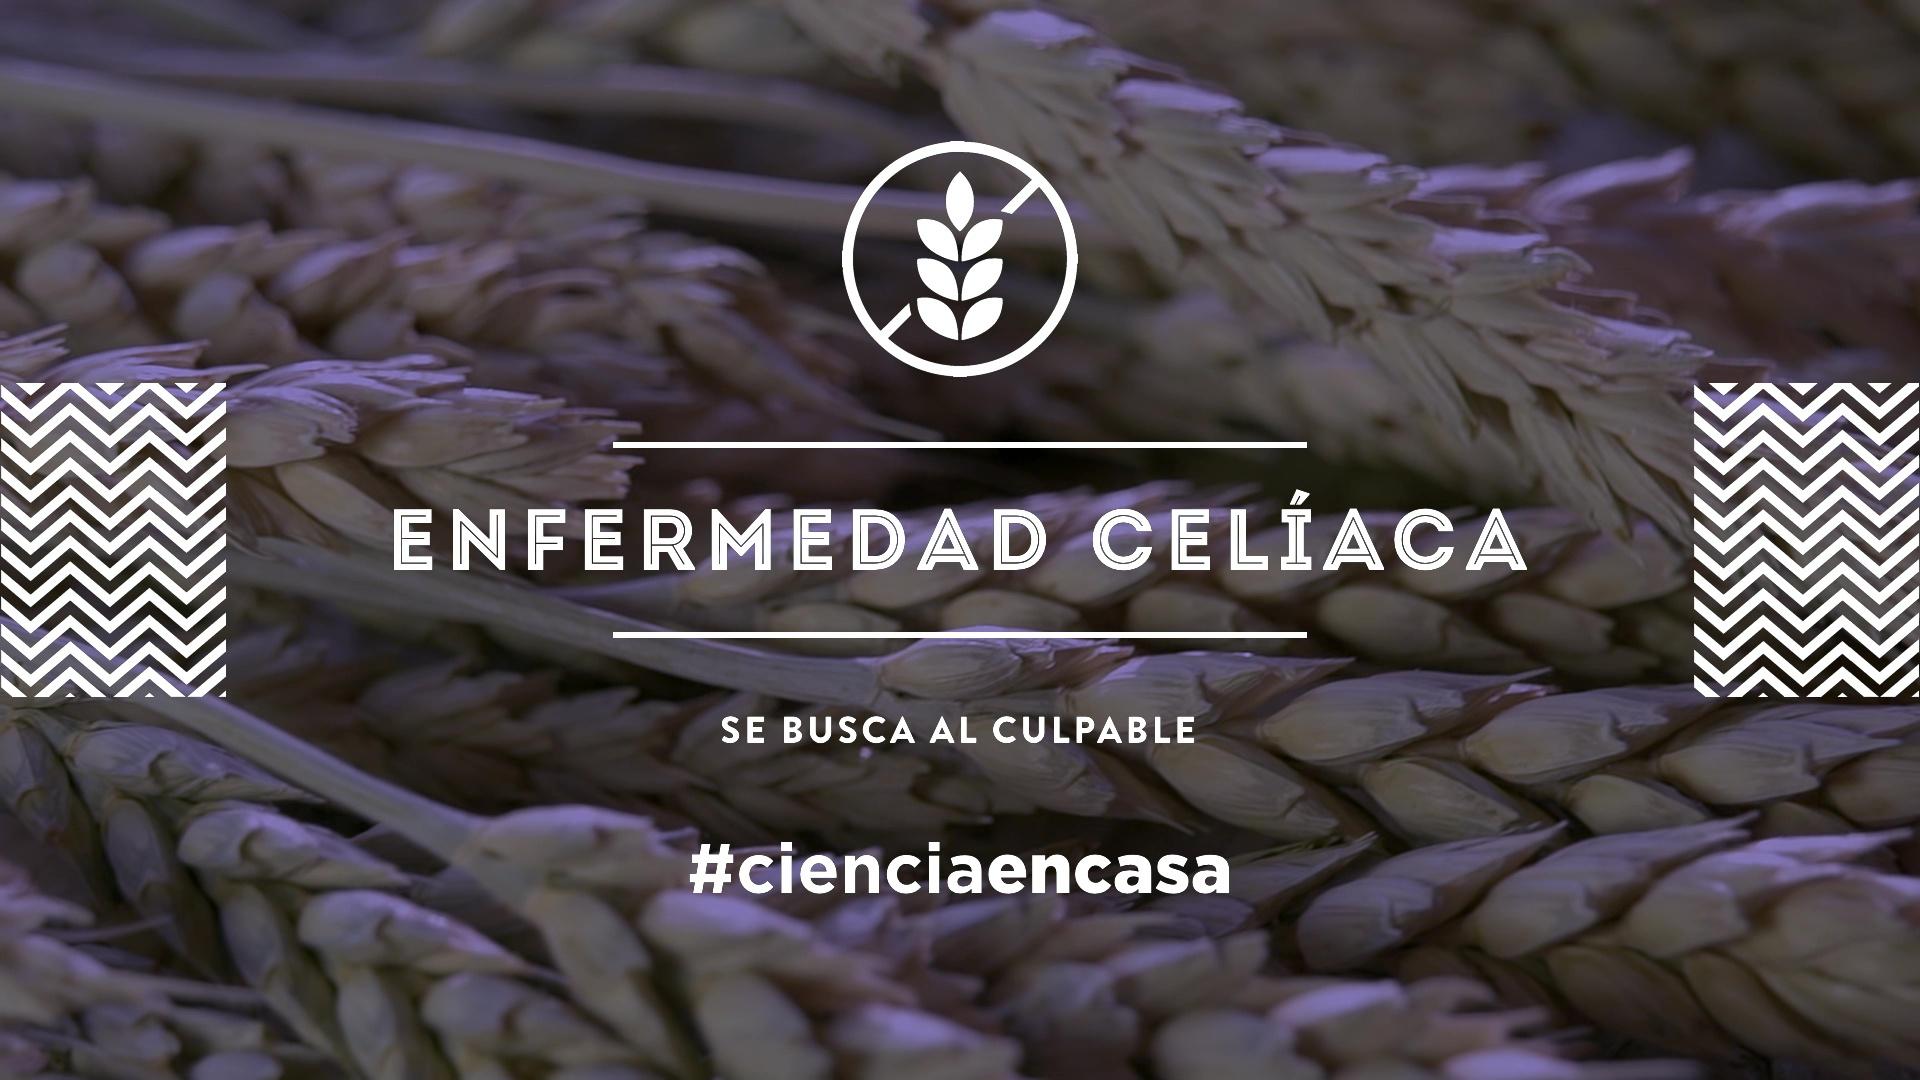 """#CienciaEnCasa: """"Enfermedad celíaca: se busca al culpable"""", por Teresa Nestares"""